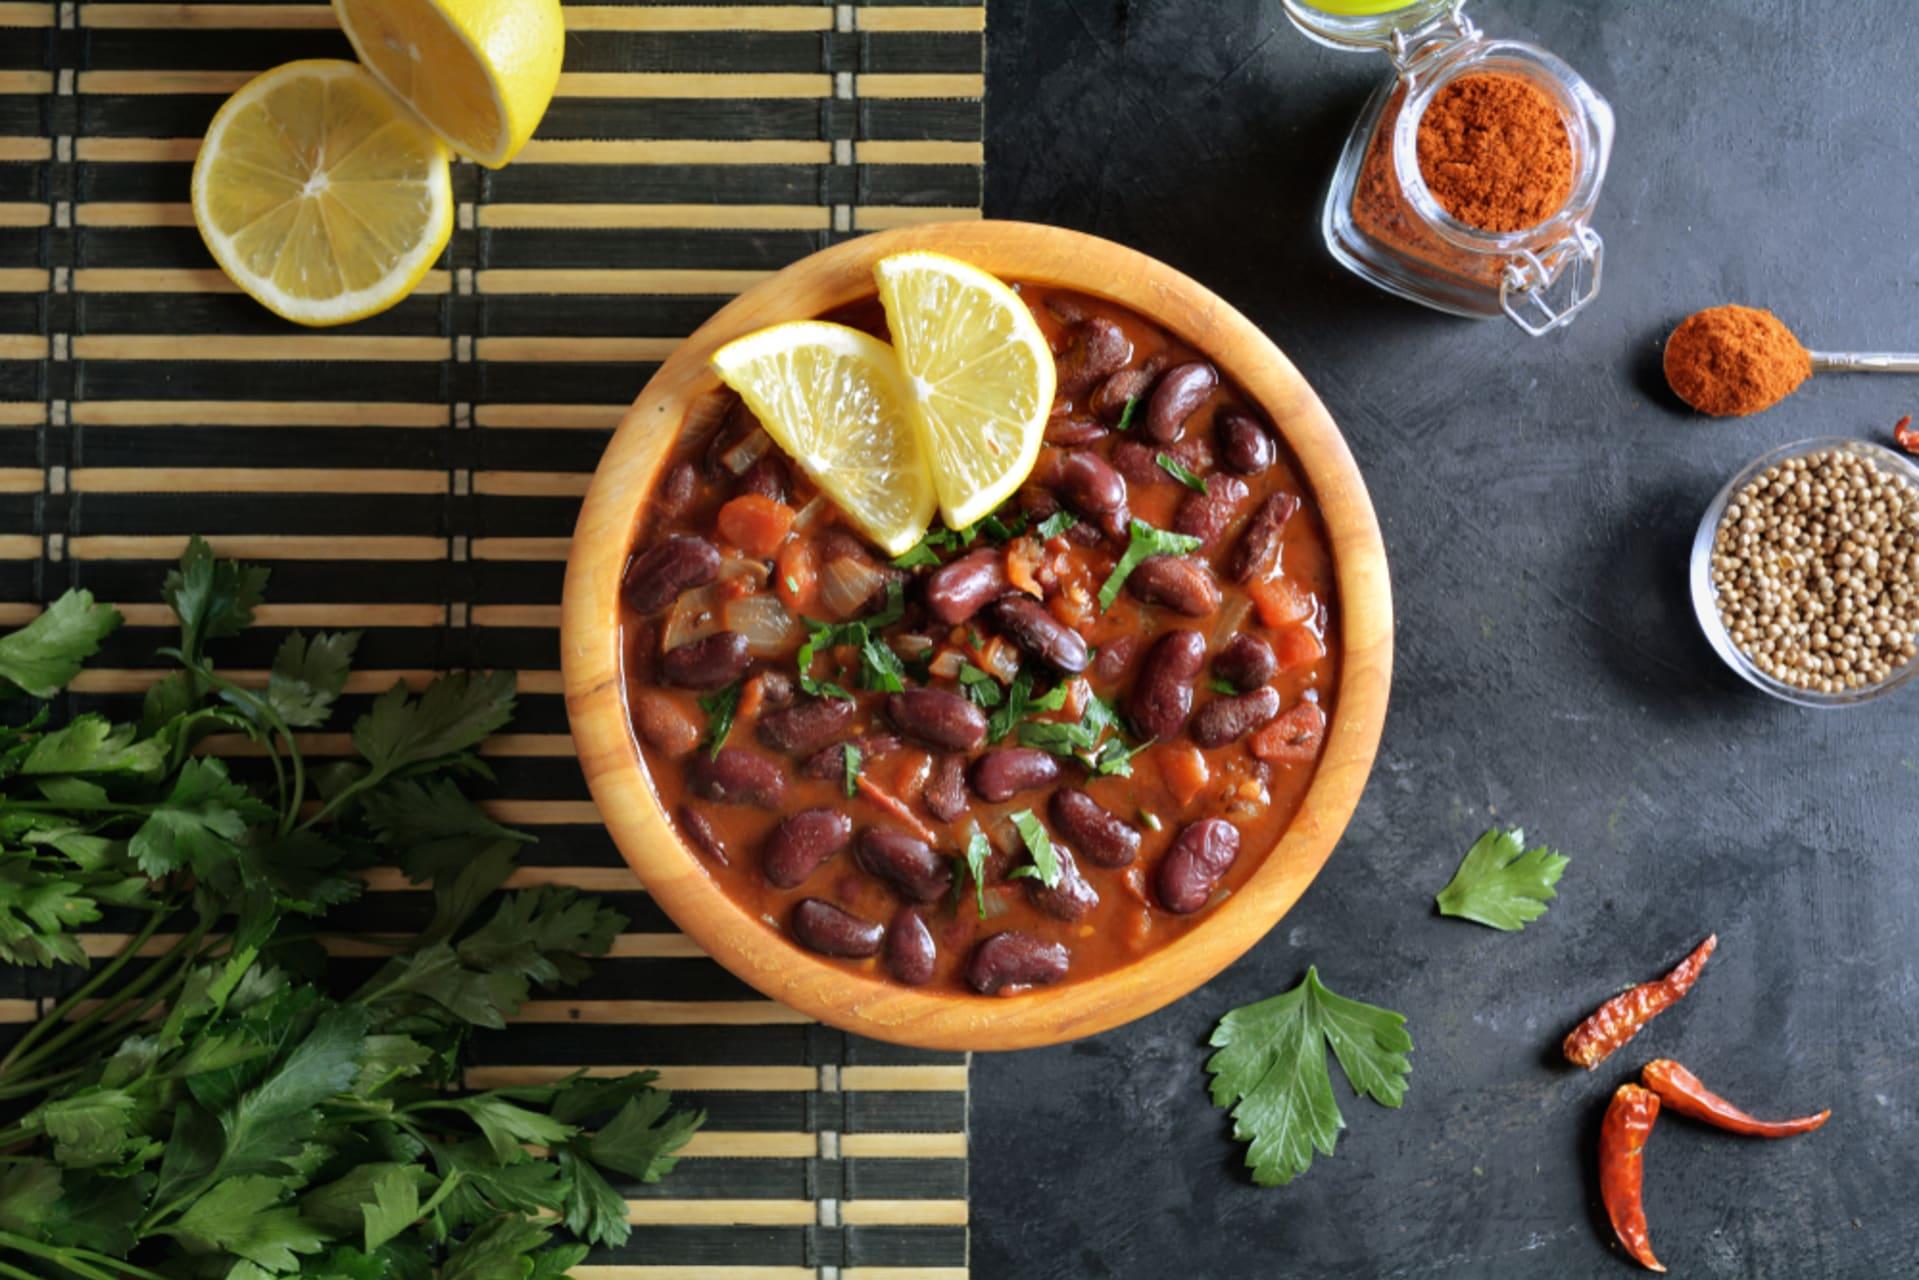 Jaipur - Rajma (Kidney beans) Masala